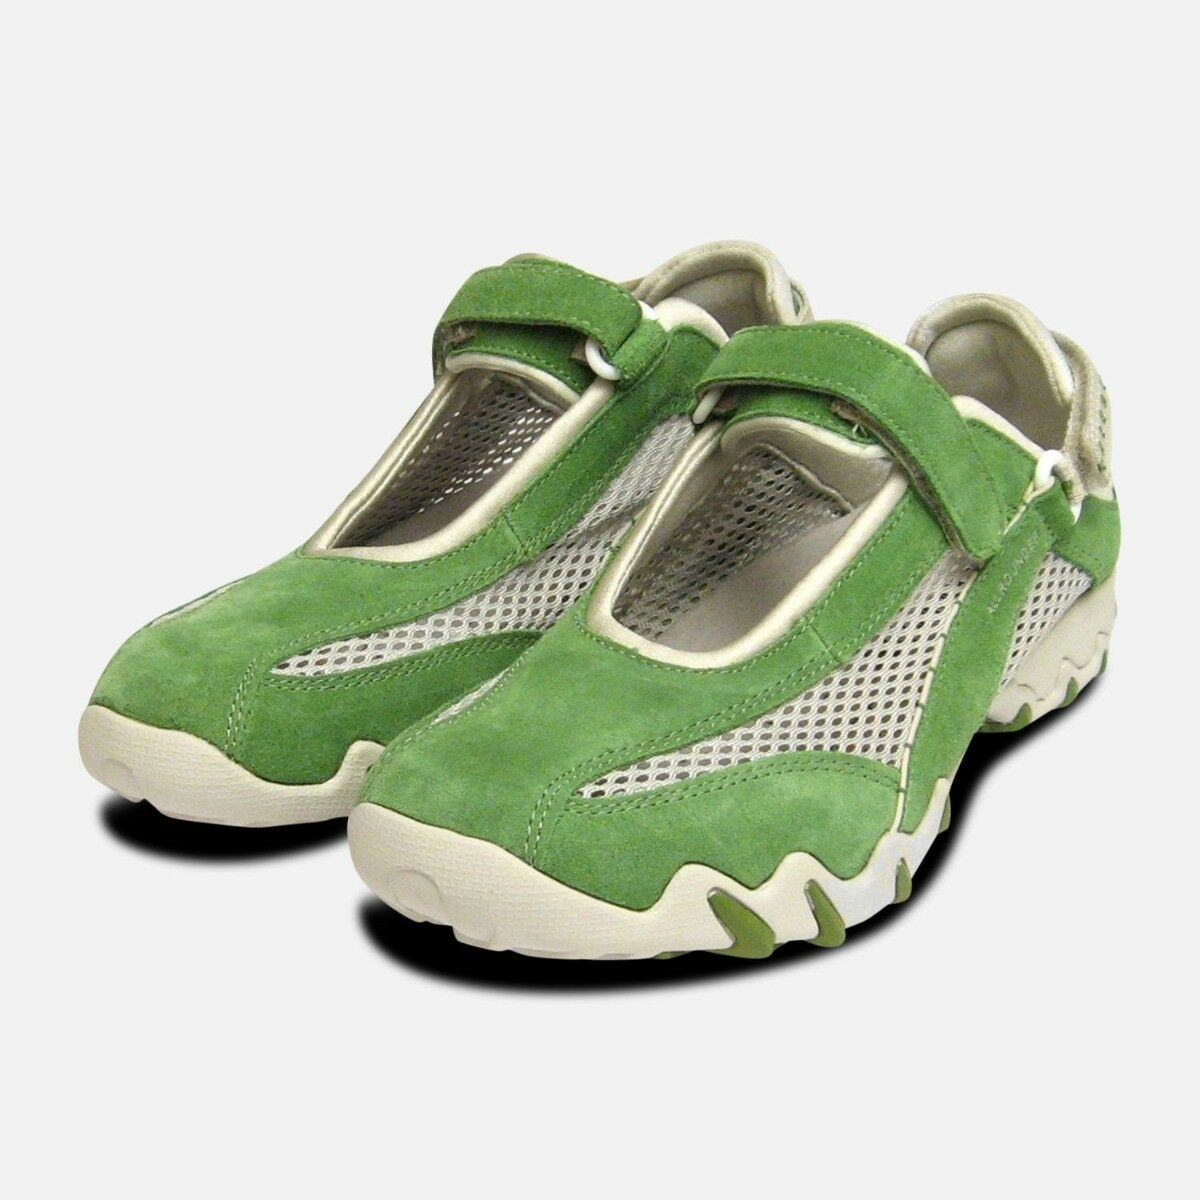 miglior prezzo Niro In In In Kiwi verde Scamosciato Da Mephisto Donna scarpe da ginnastica Scarpe Da Ginnastica Di Marca  buona qualità